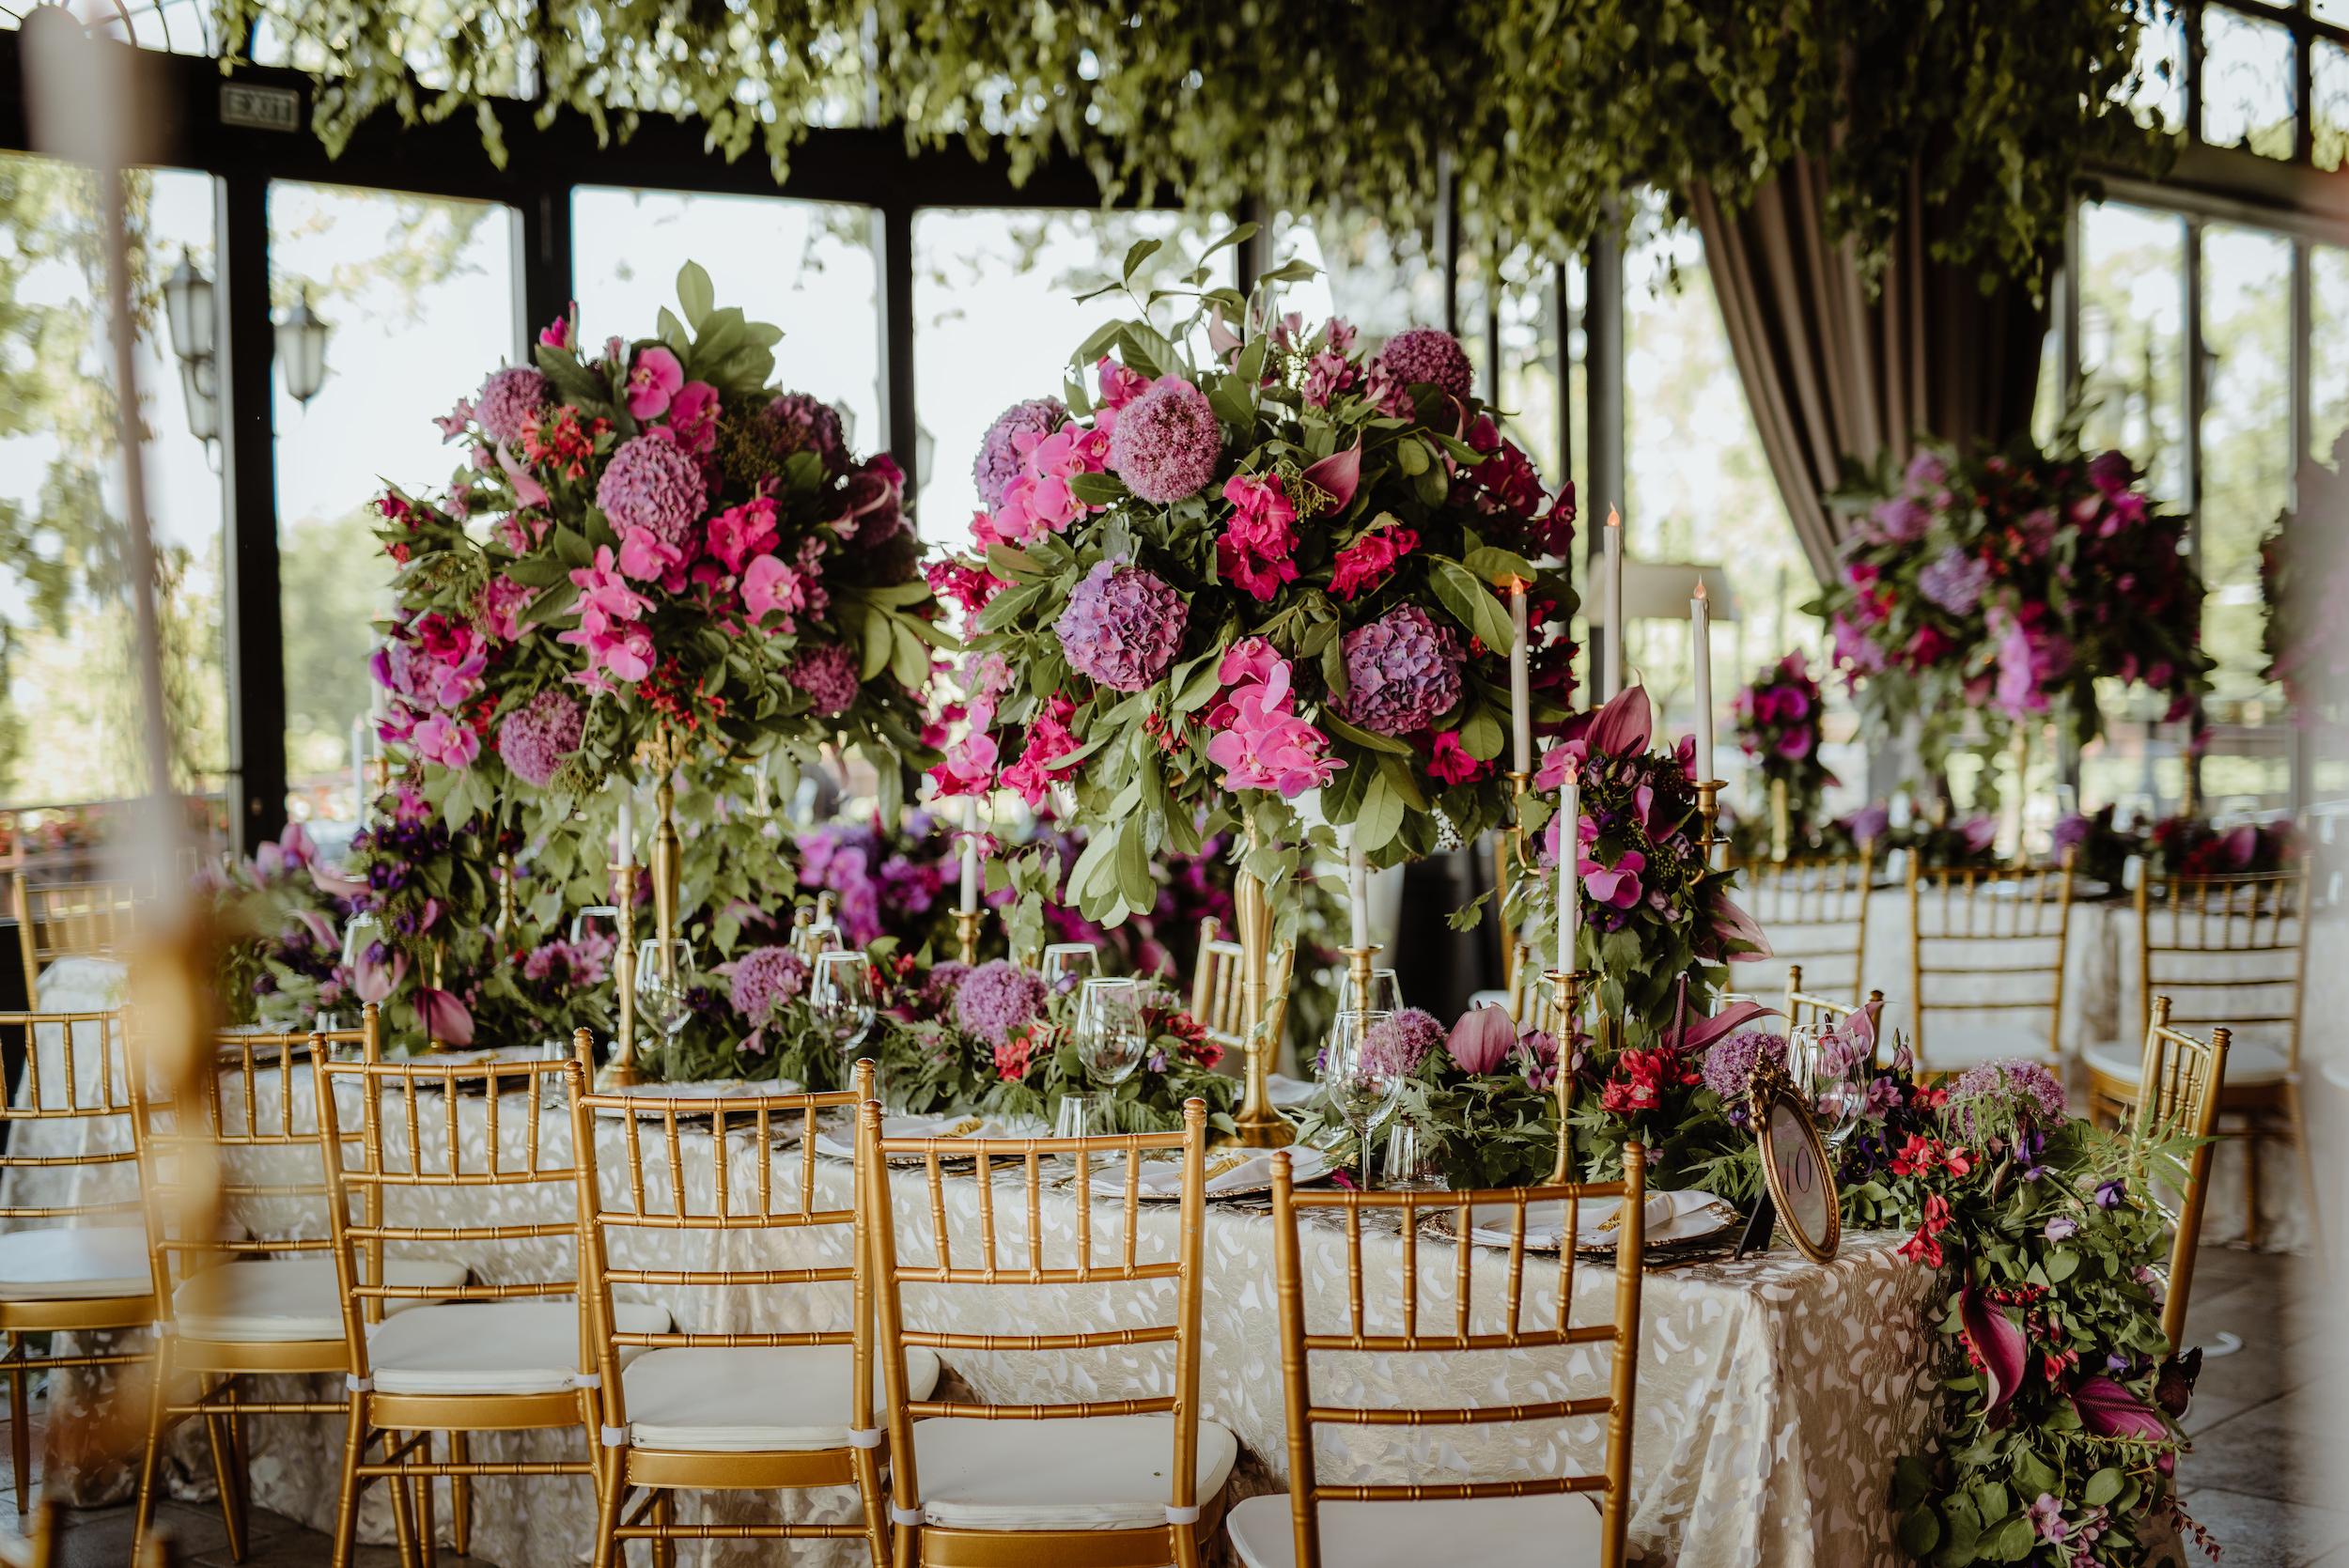 Indoor_garden_wedding_centrepieces_flowers_pink_purple_luxury_linen_king_table.jpg